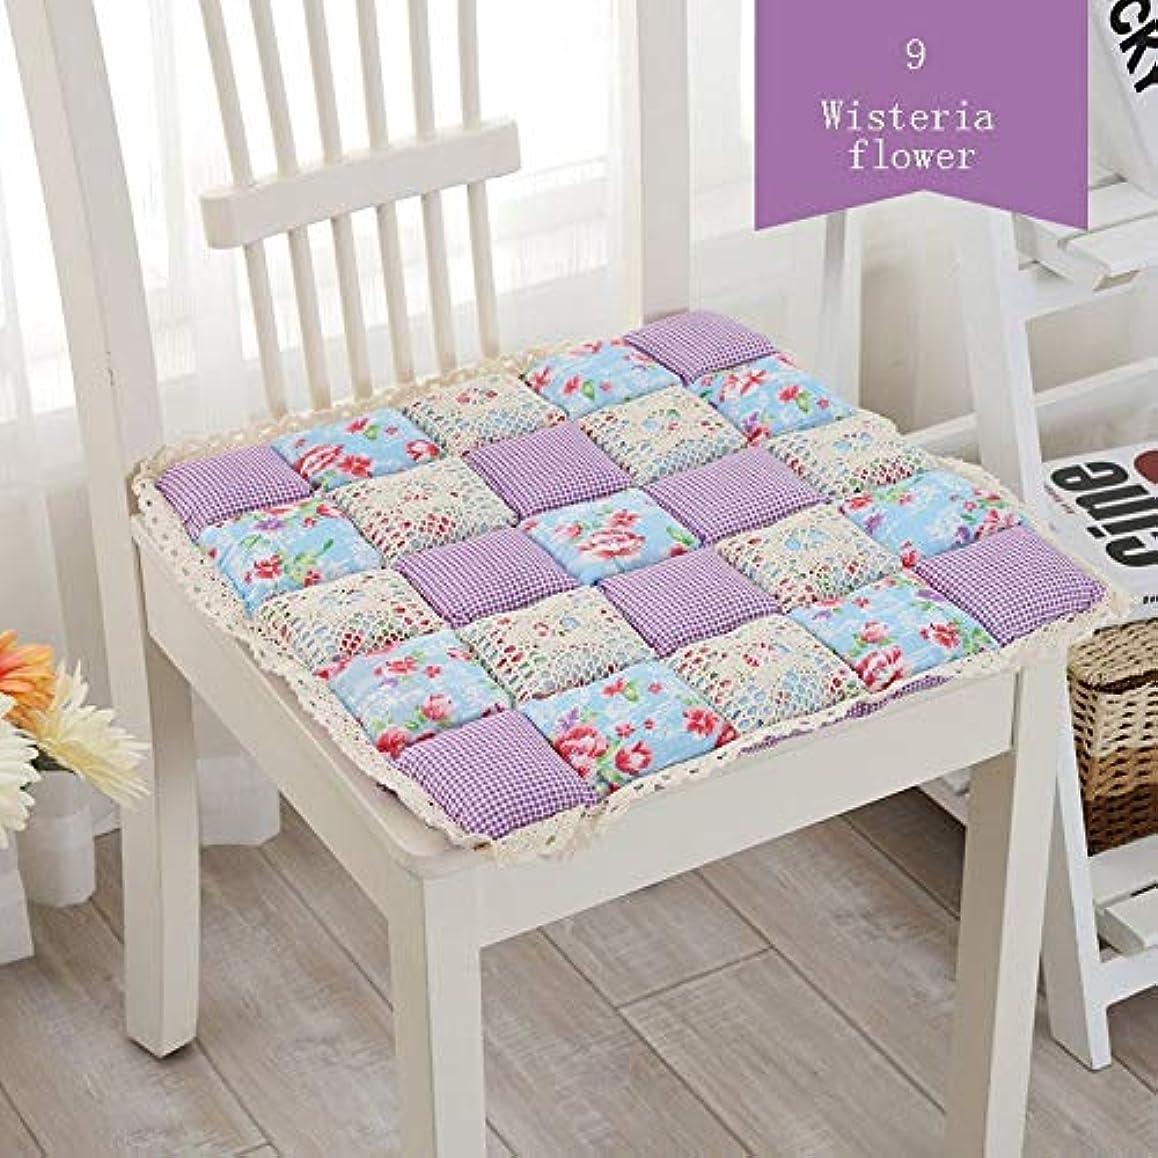 勘違いするプレゼンボイラーLIFE 1 個抗褥瘡綿椅子クッション 24 色ファッションオフィス正方形クッション学生チェアクッション家の装飾厚み クッション 椅子